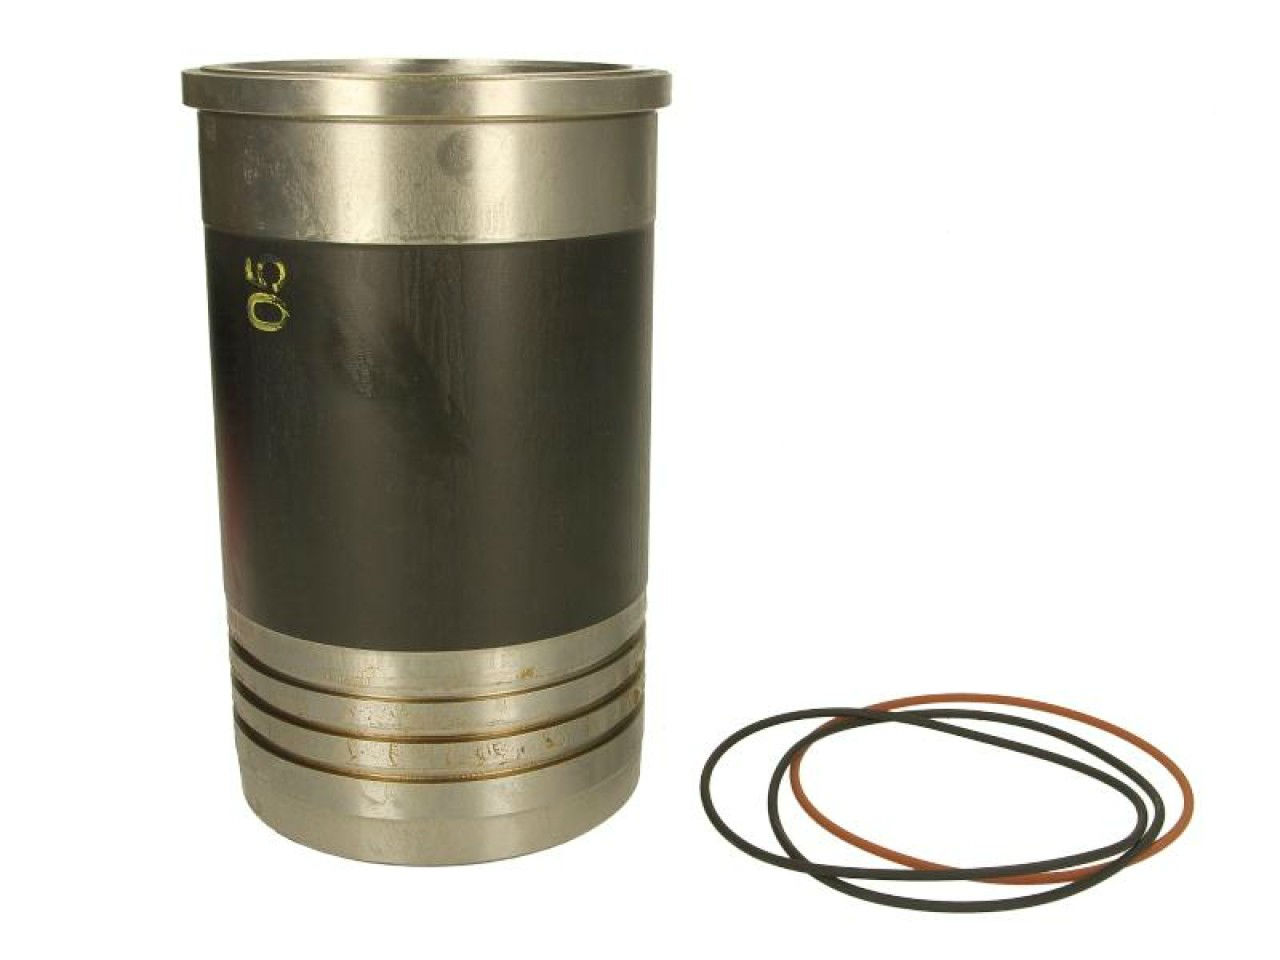 Гильза цилидра Iveco Cursor 10 Euro 3/5 (125mm) (Mahle) с резинками photo